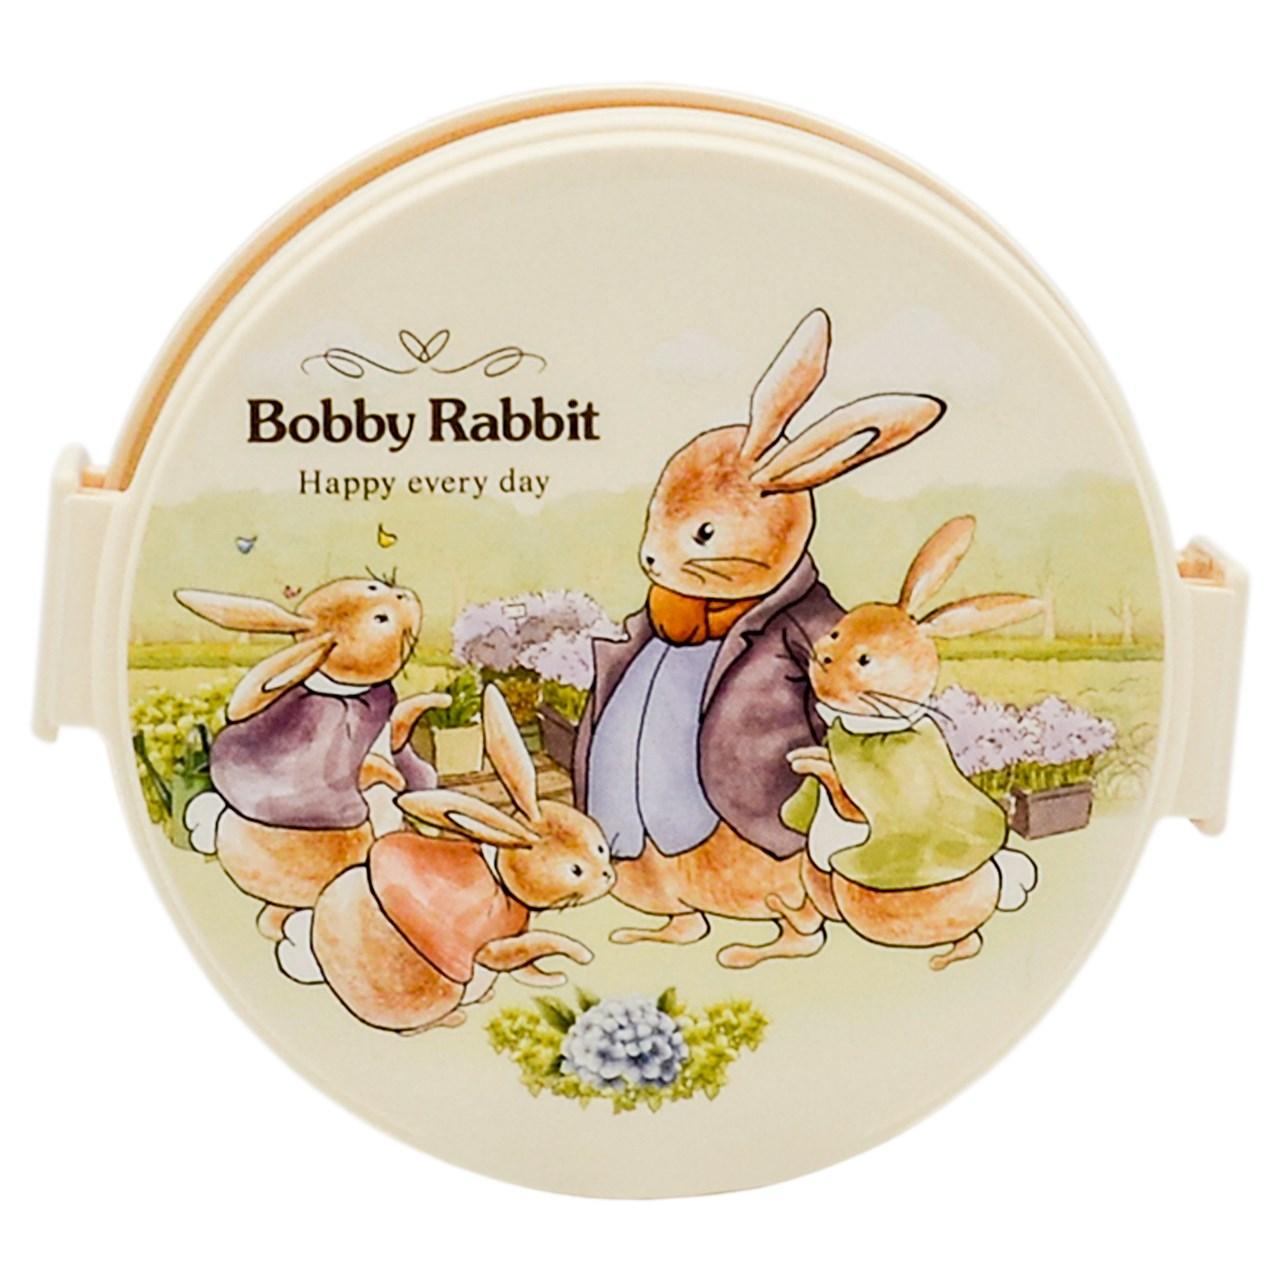 ظرف غذای کودک بابی رابیت مدل 1-1537